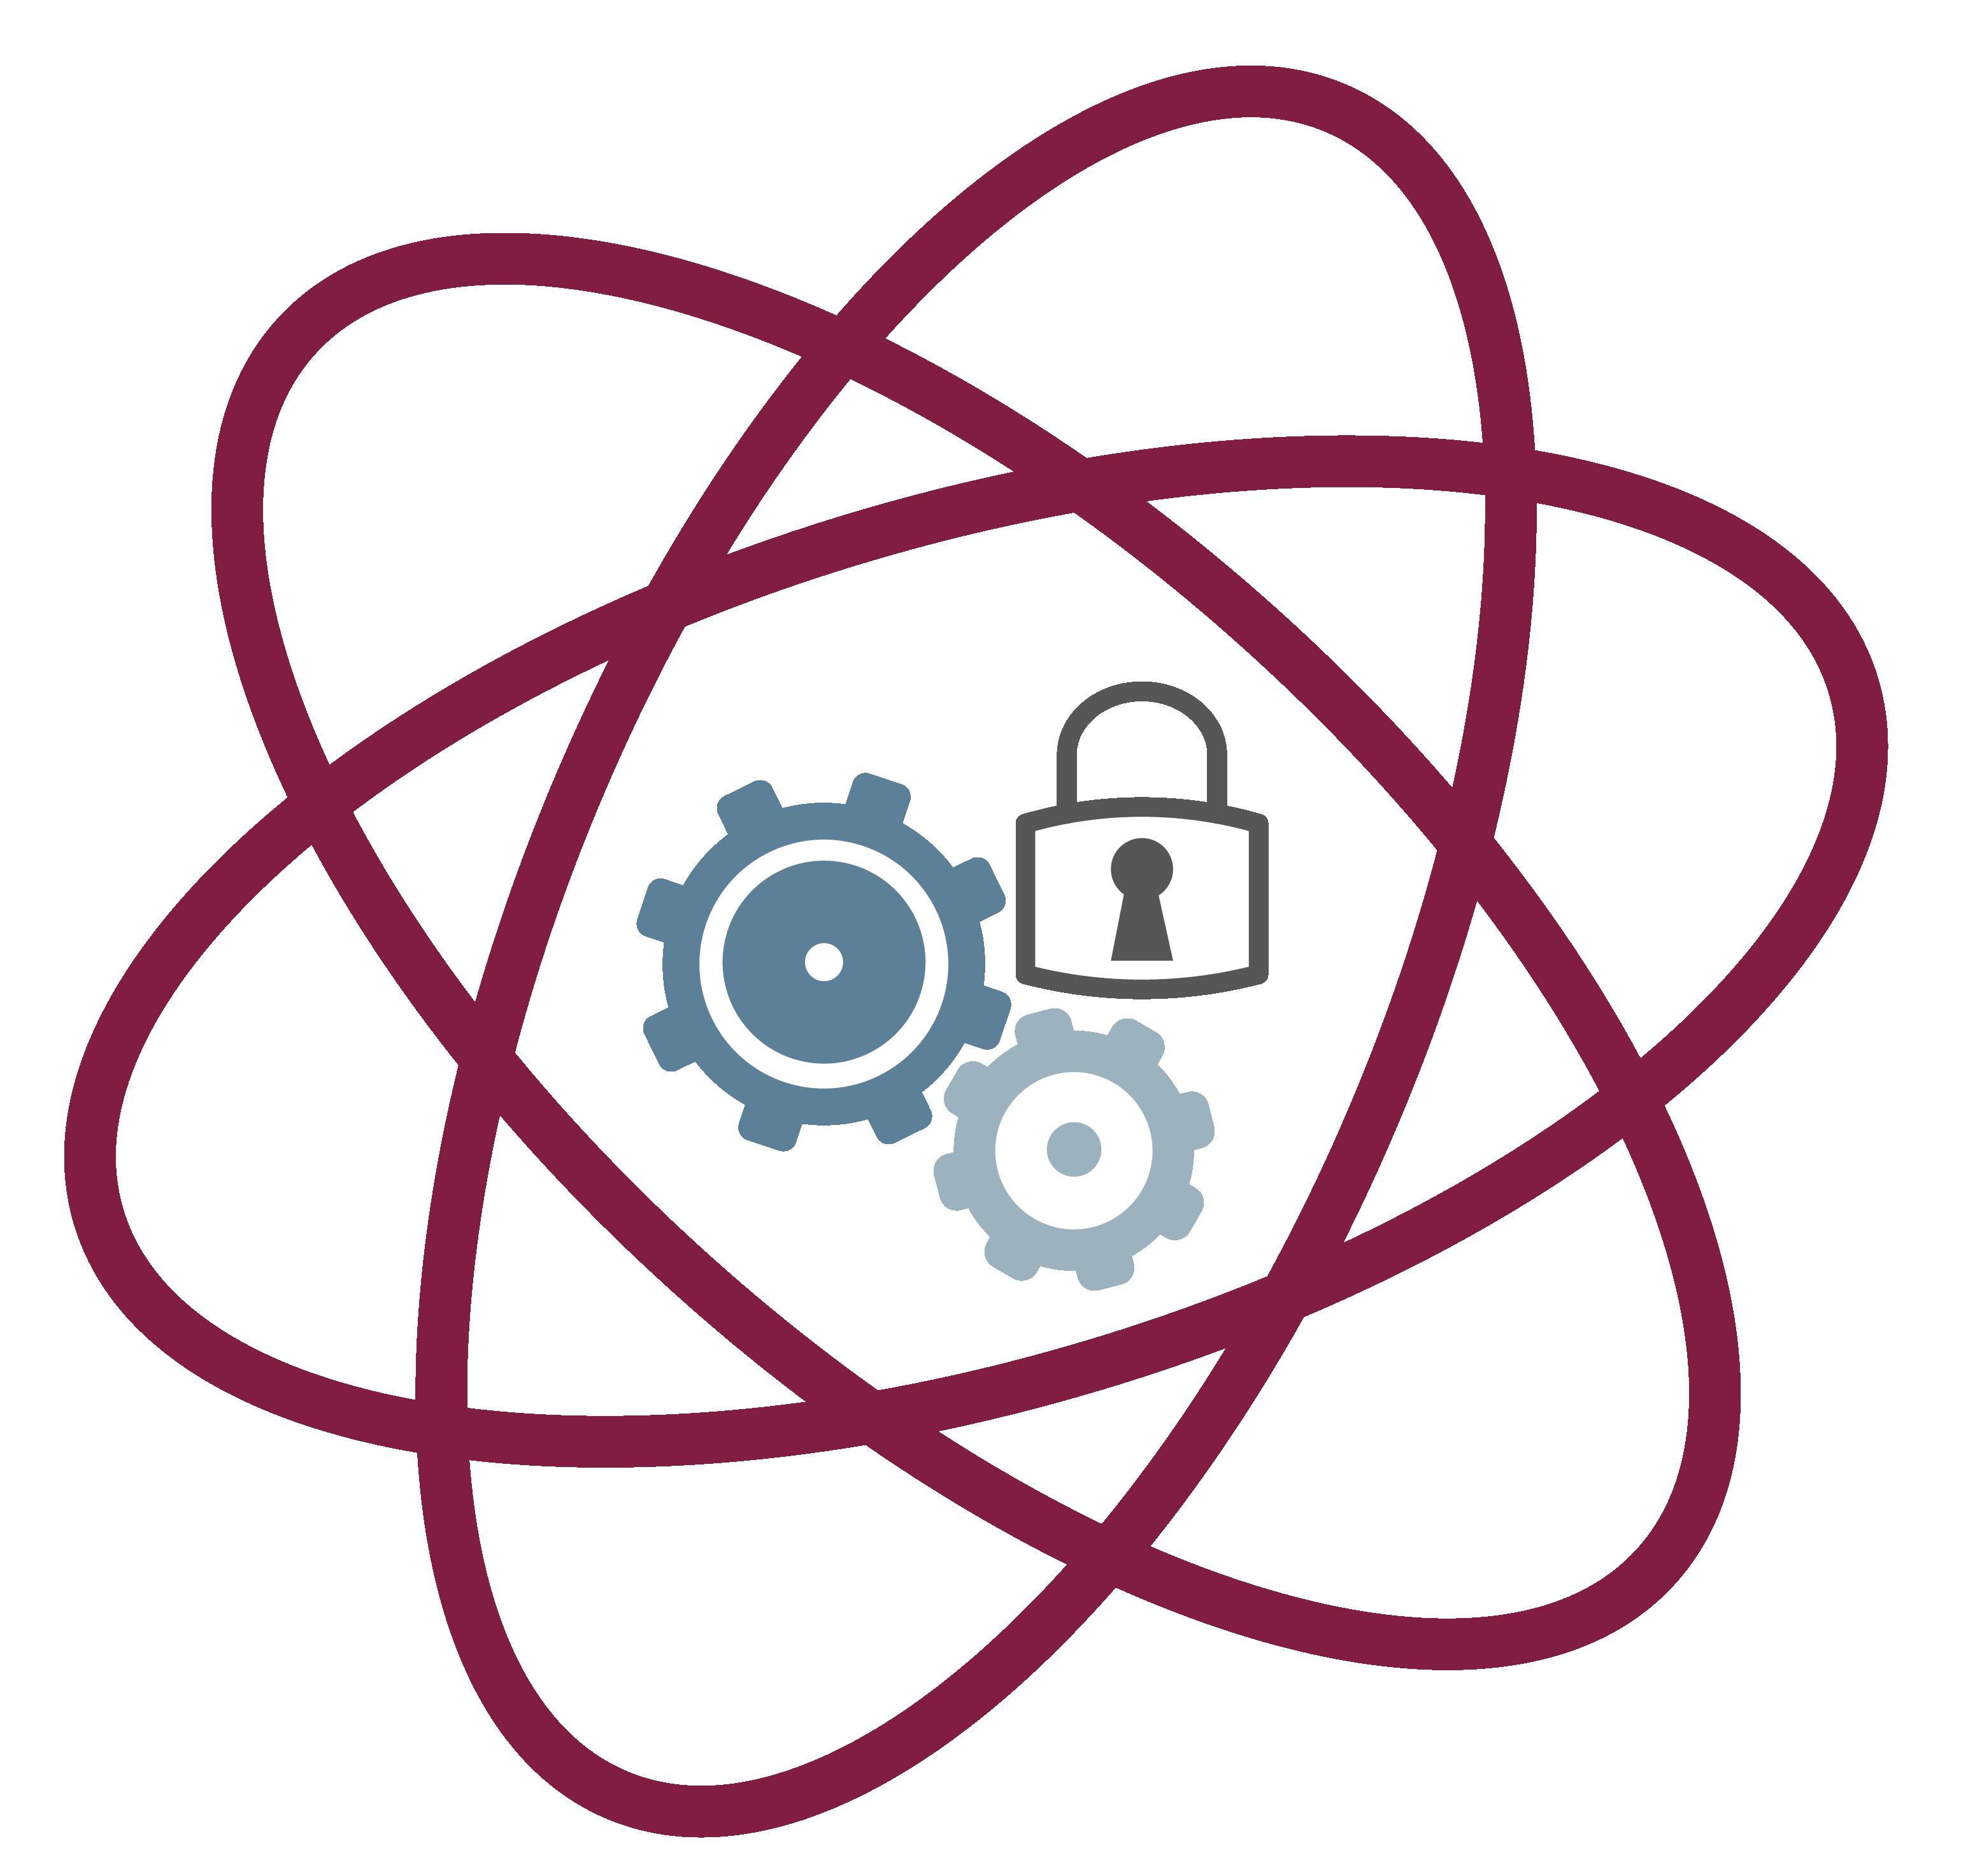 Quantensichere Algorithmen – Glossar Cyber-Sicherheit – Prof. Norbert Pohlmann